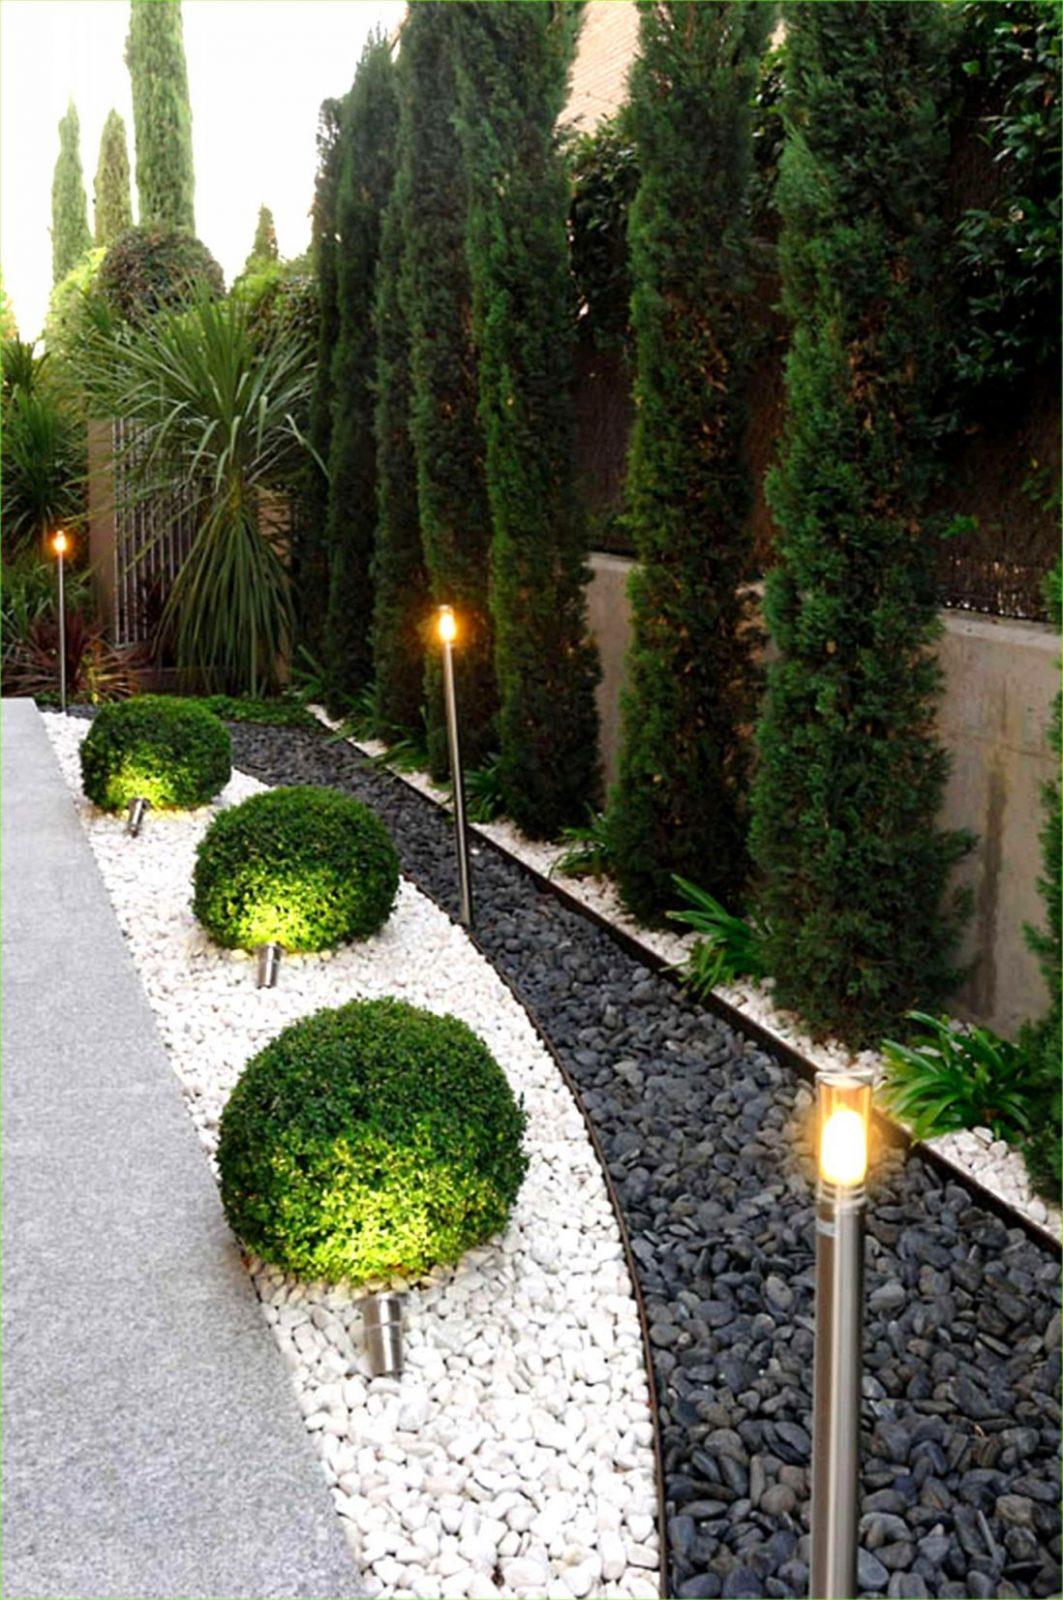 80 Images Gartengestaltung Kies Ideas von Garten Mit Kies Bilder Photo